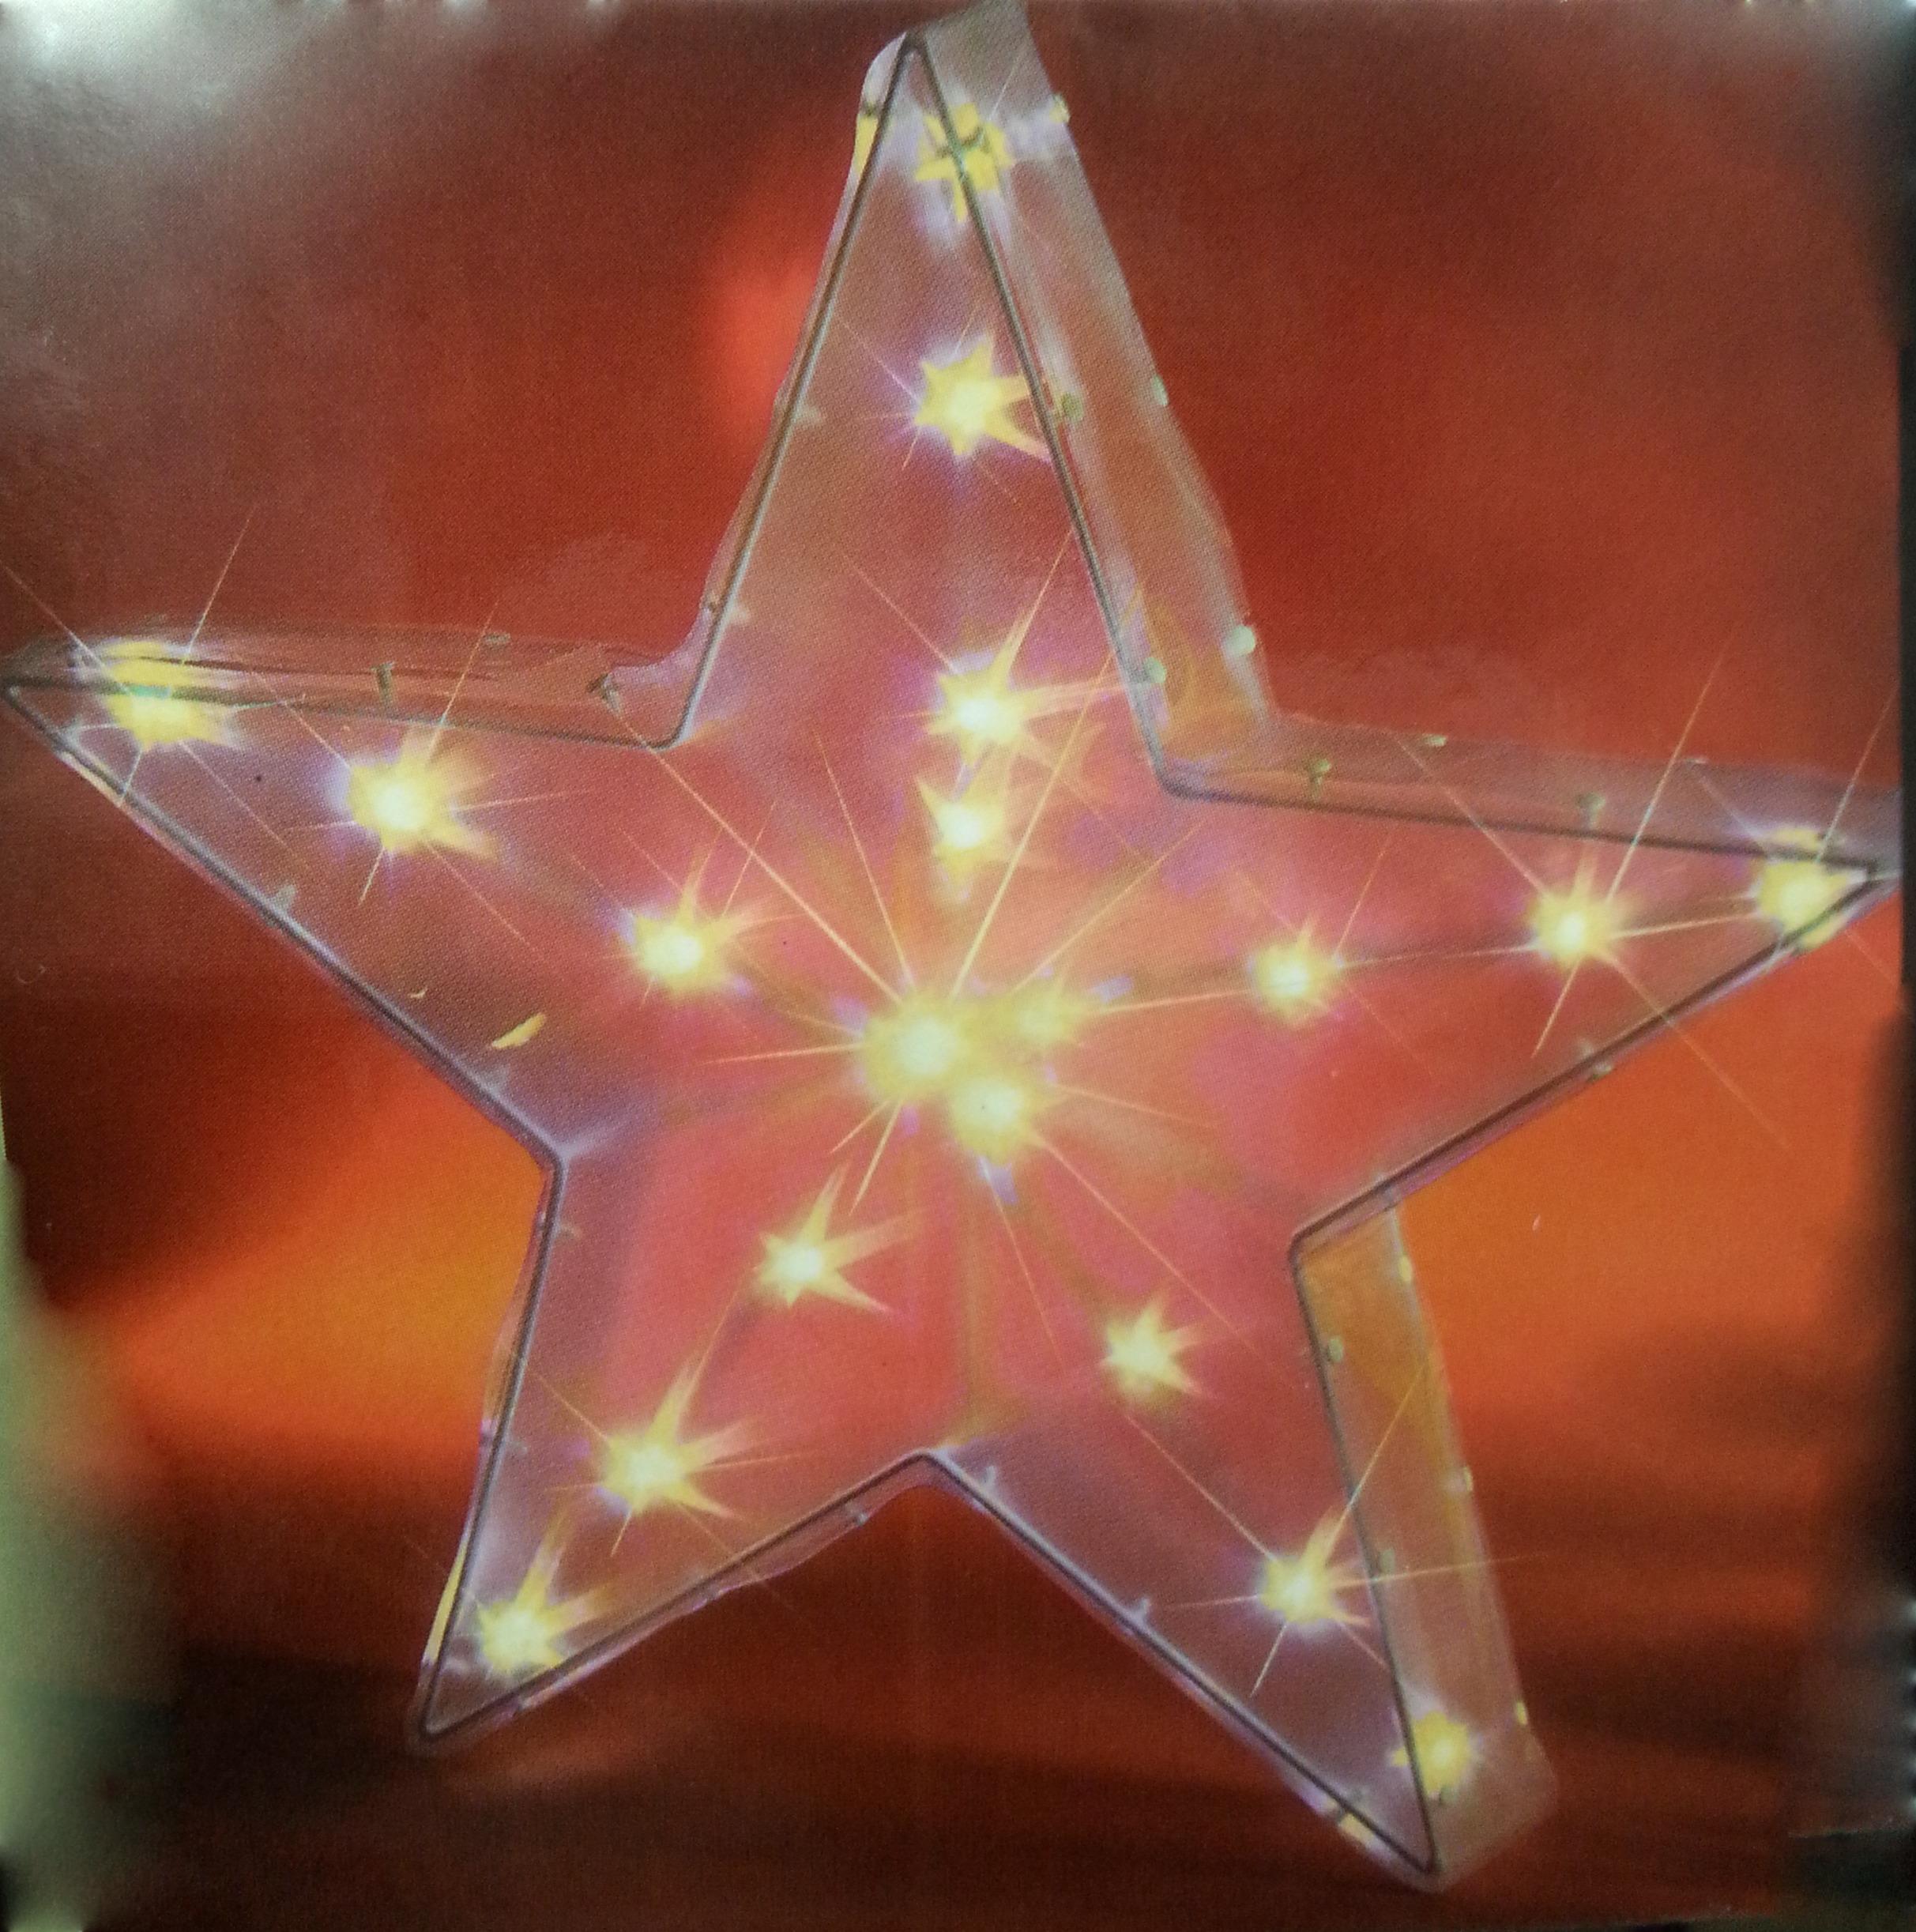 LED Holografie Stern zum Stellen oder Hängen - mit 230V Netzteil - 23 x 23 cm